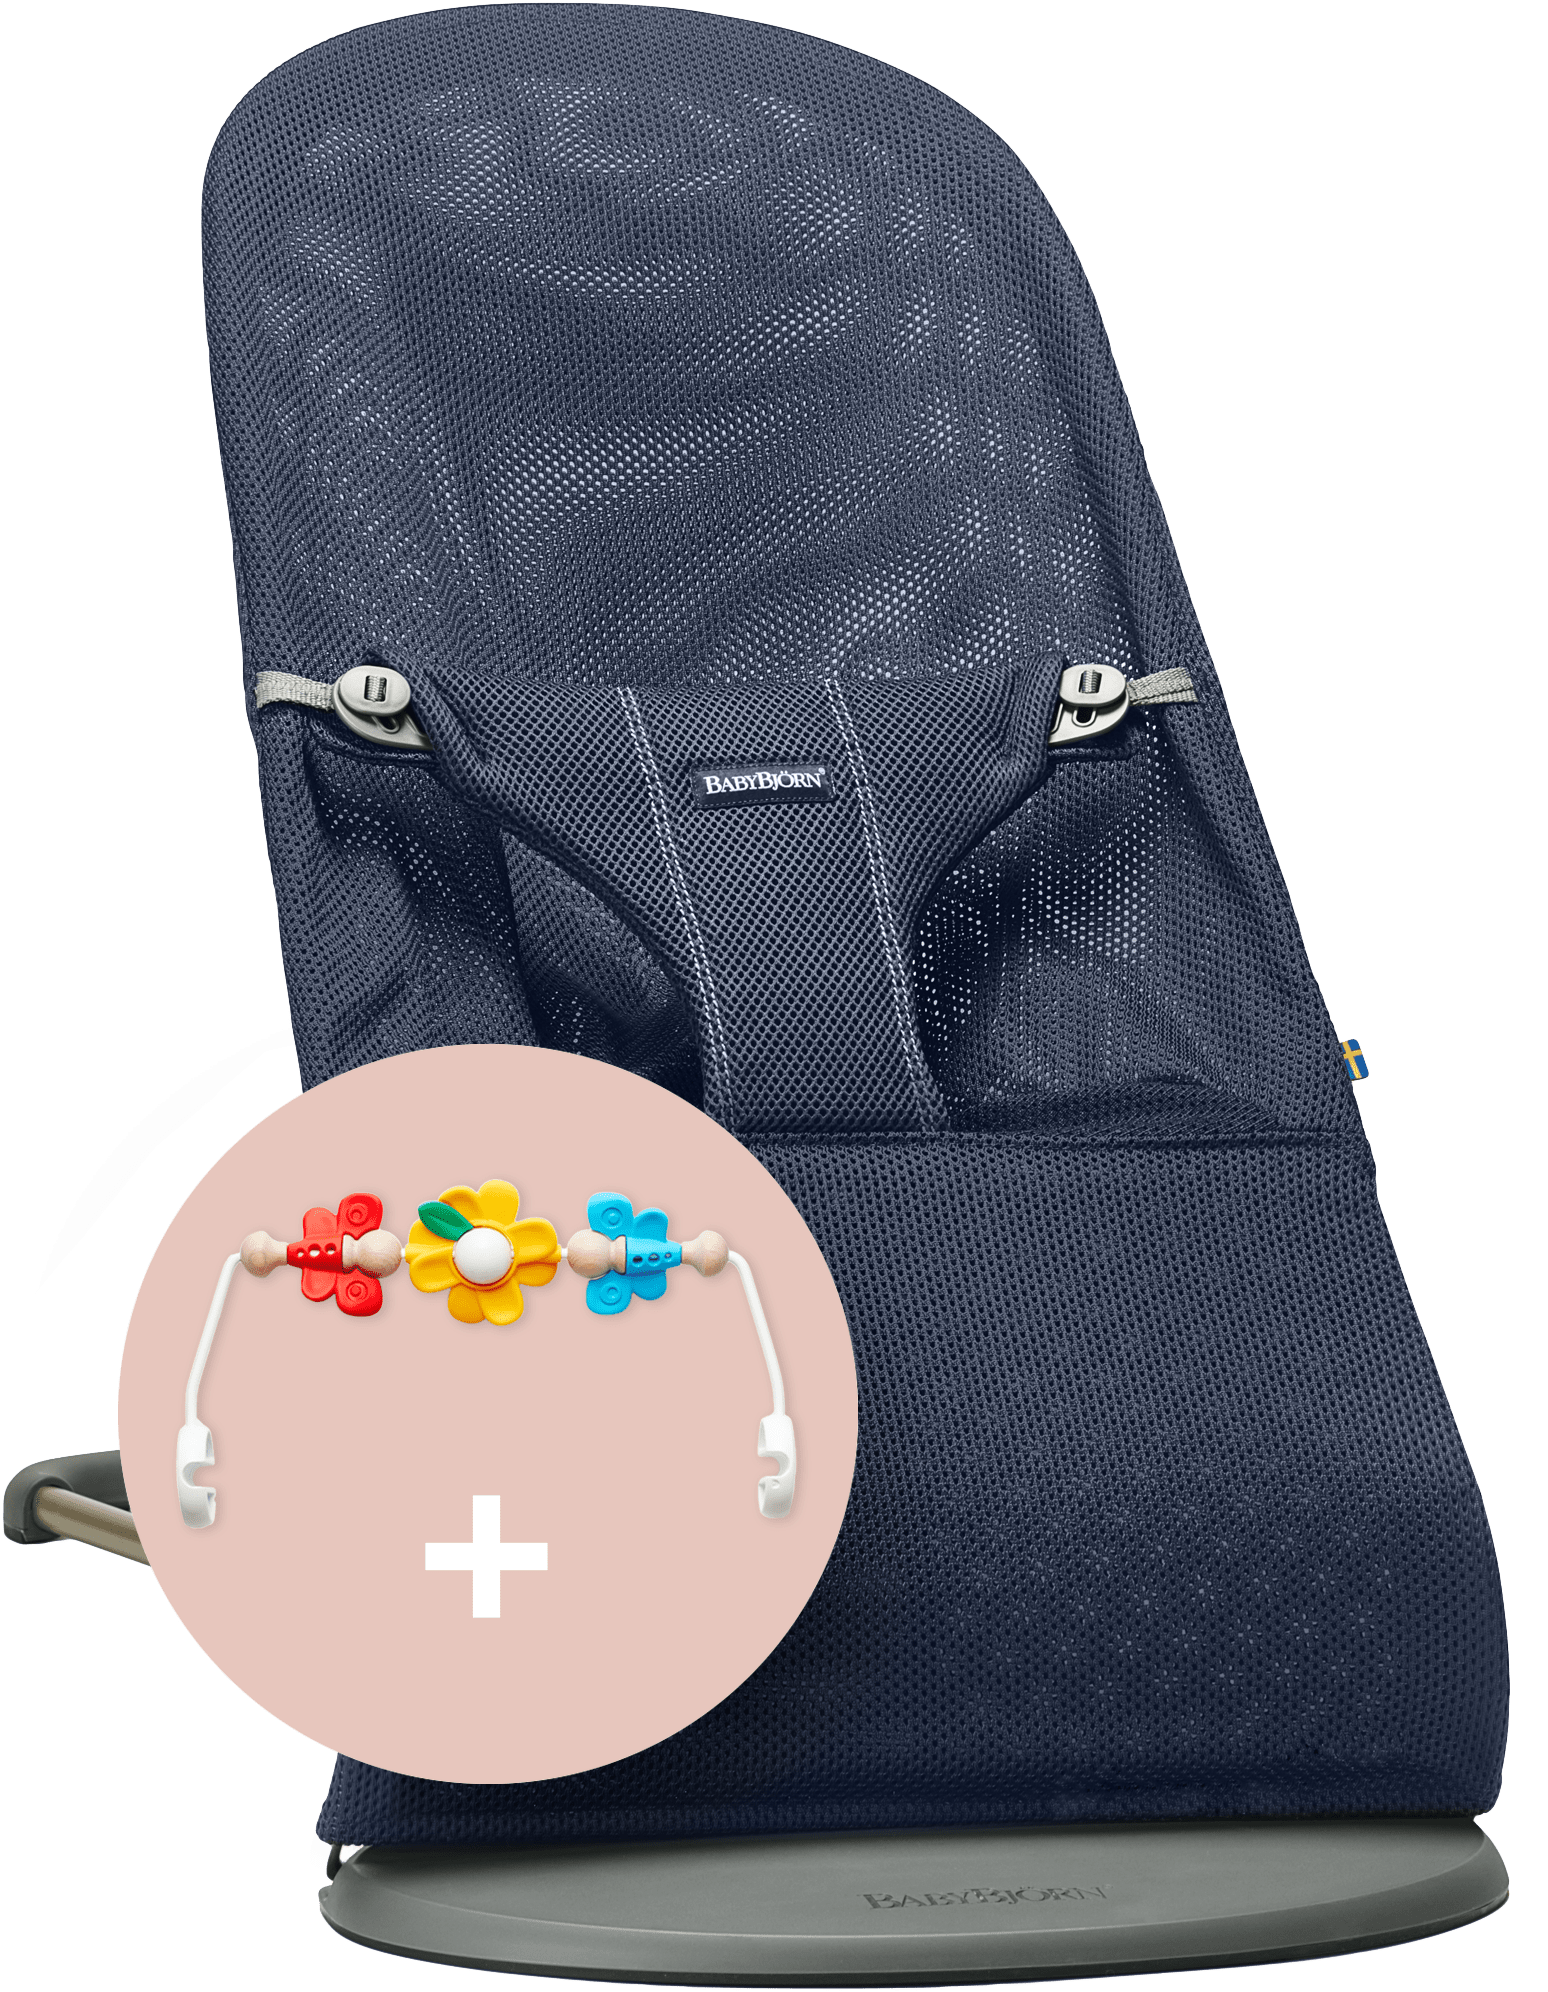 BABYBJÖRN Babywippe und Spielzeug Marineblau Mesh